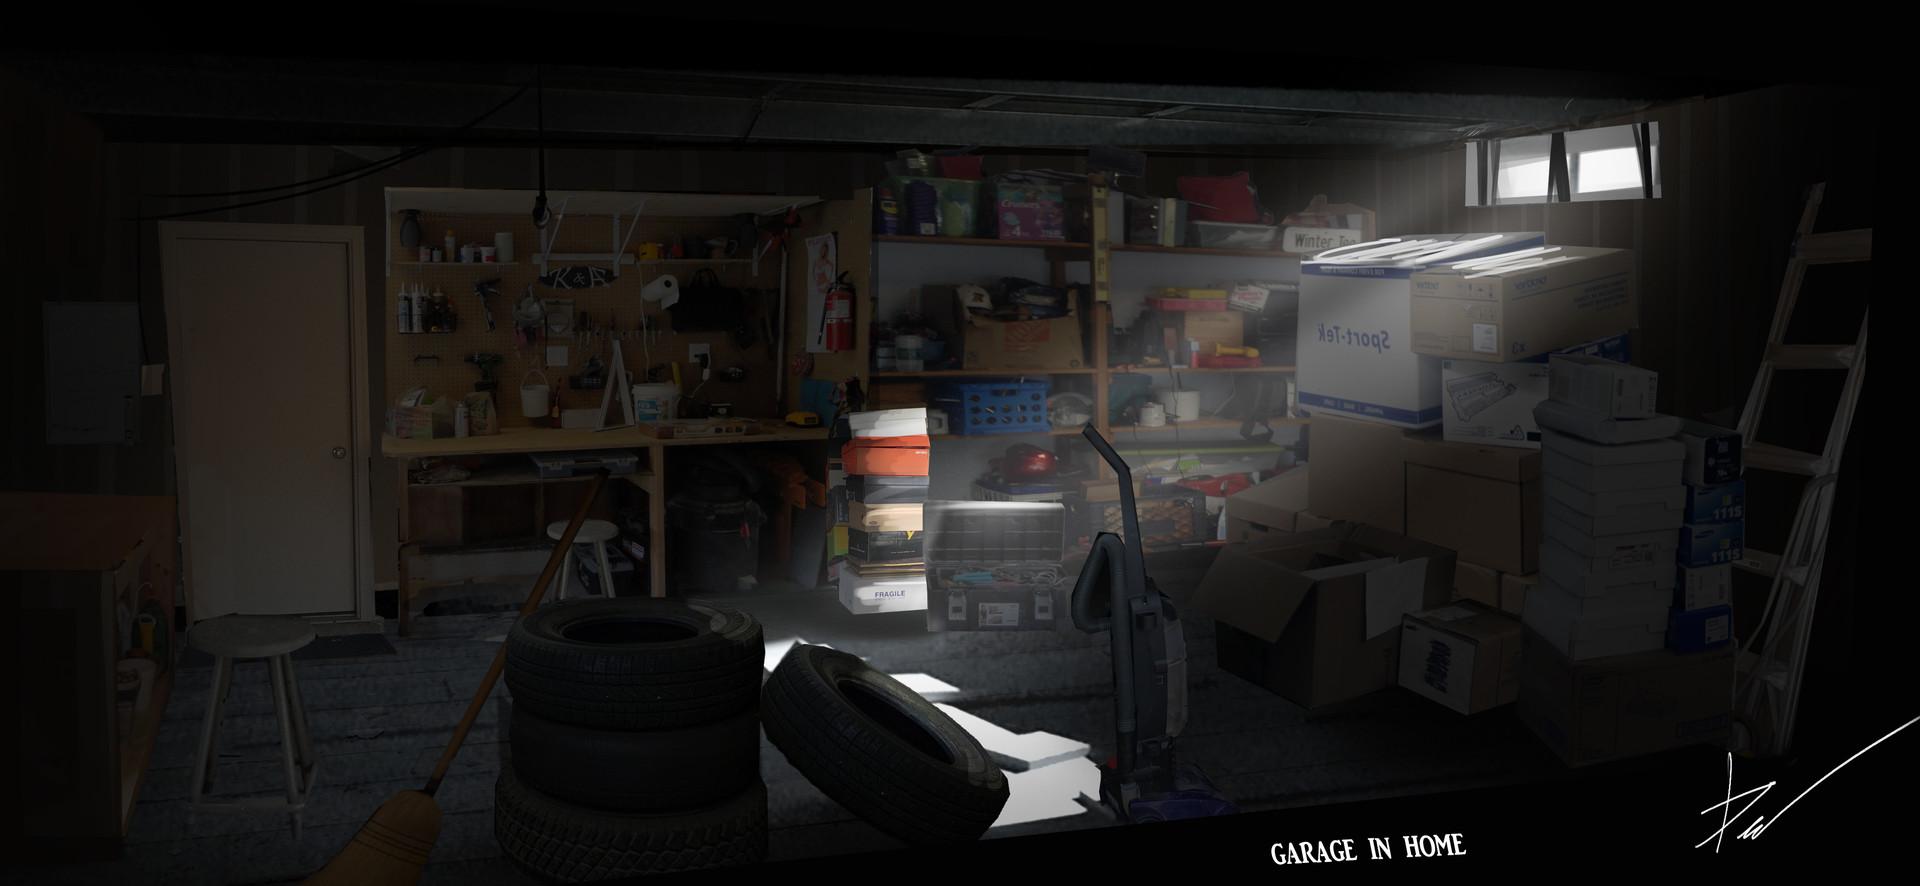 Alexander demakov concept art garage for Garage concept auto